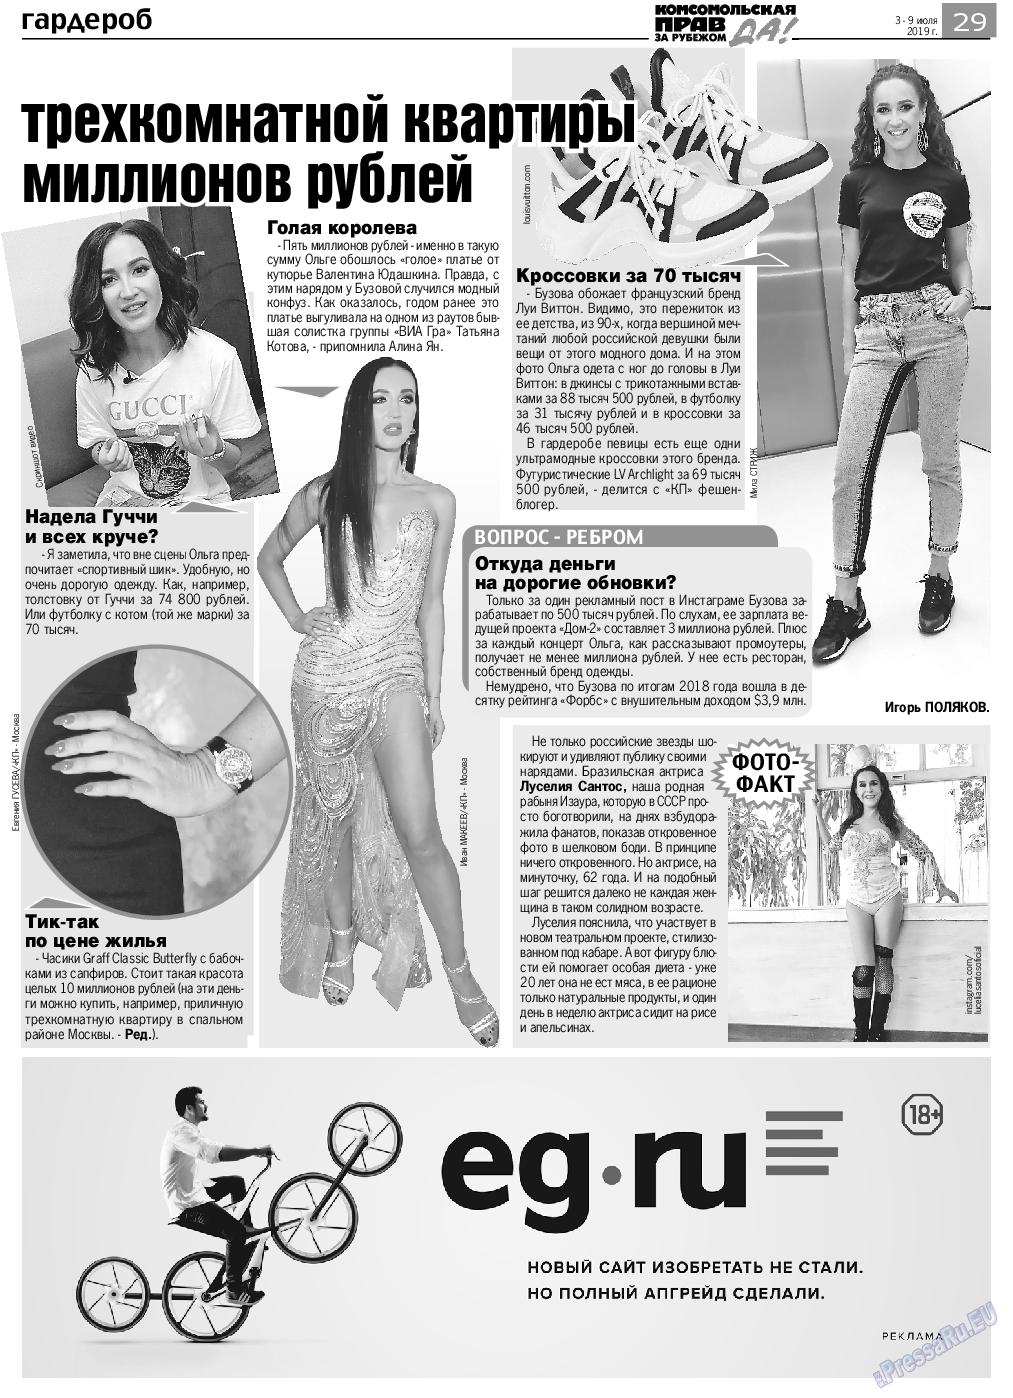 КП в Европе (газета). 2019 год, номер 27, стр. 29